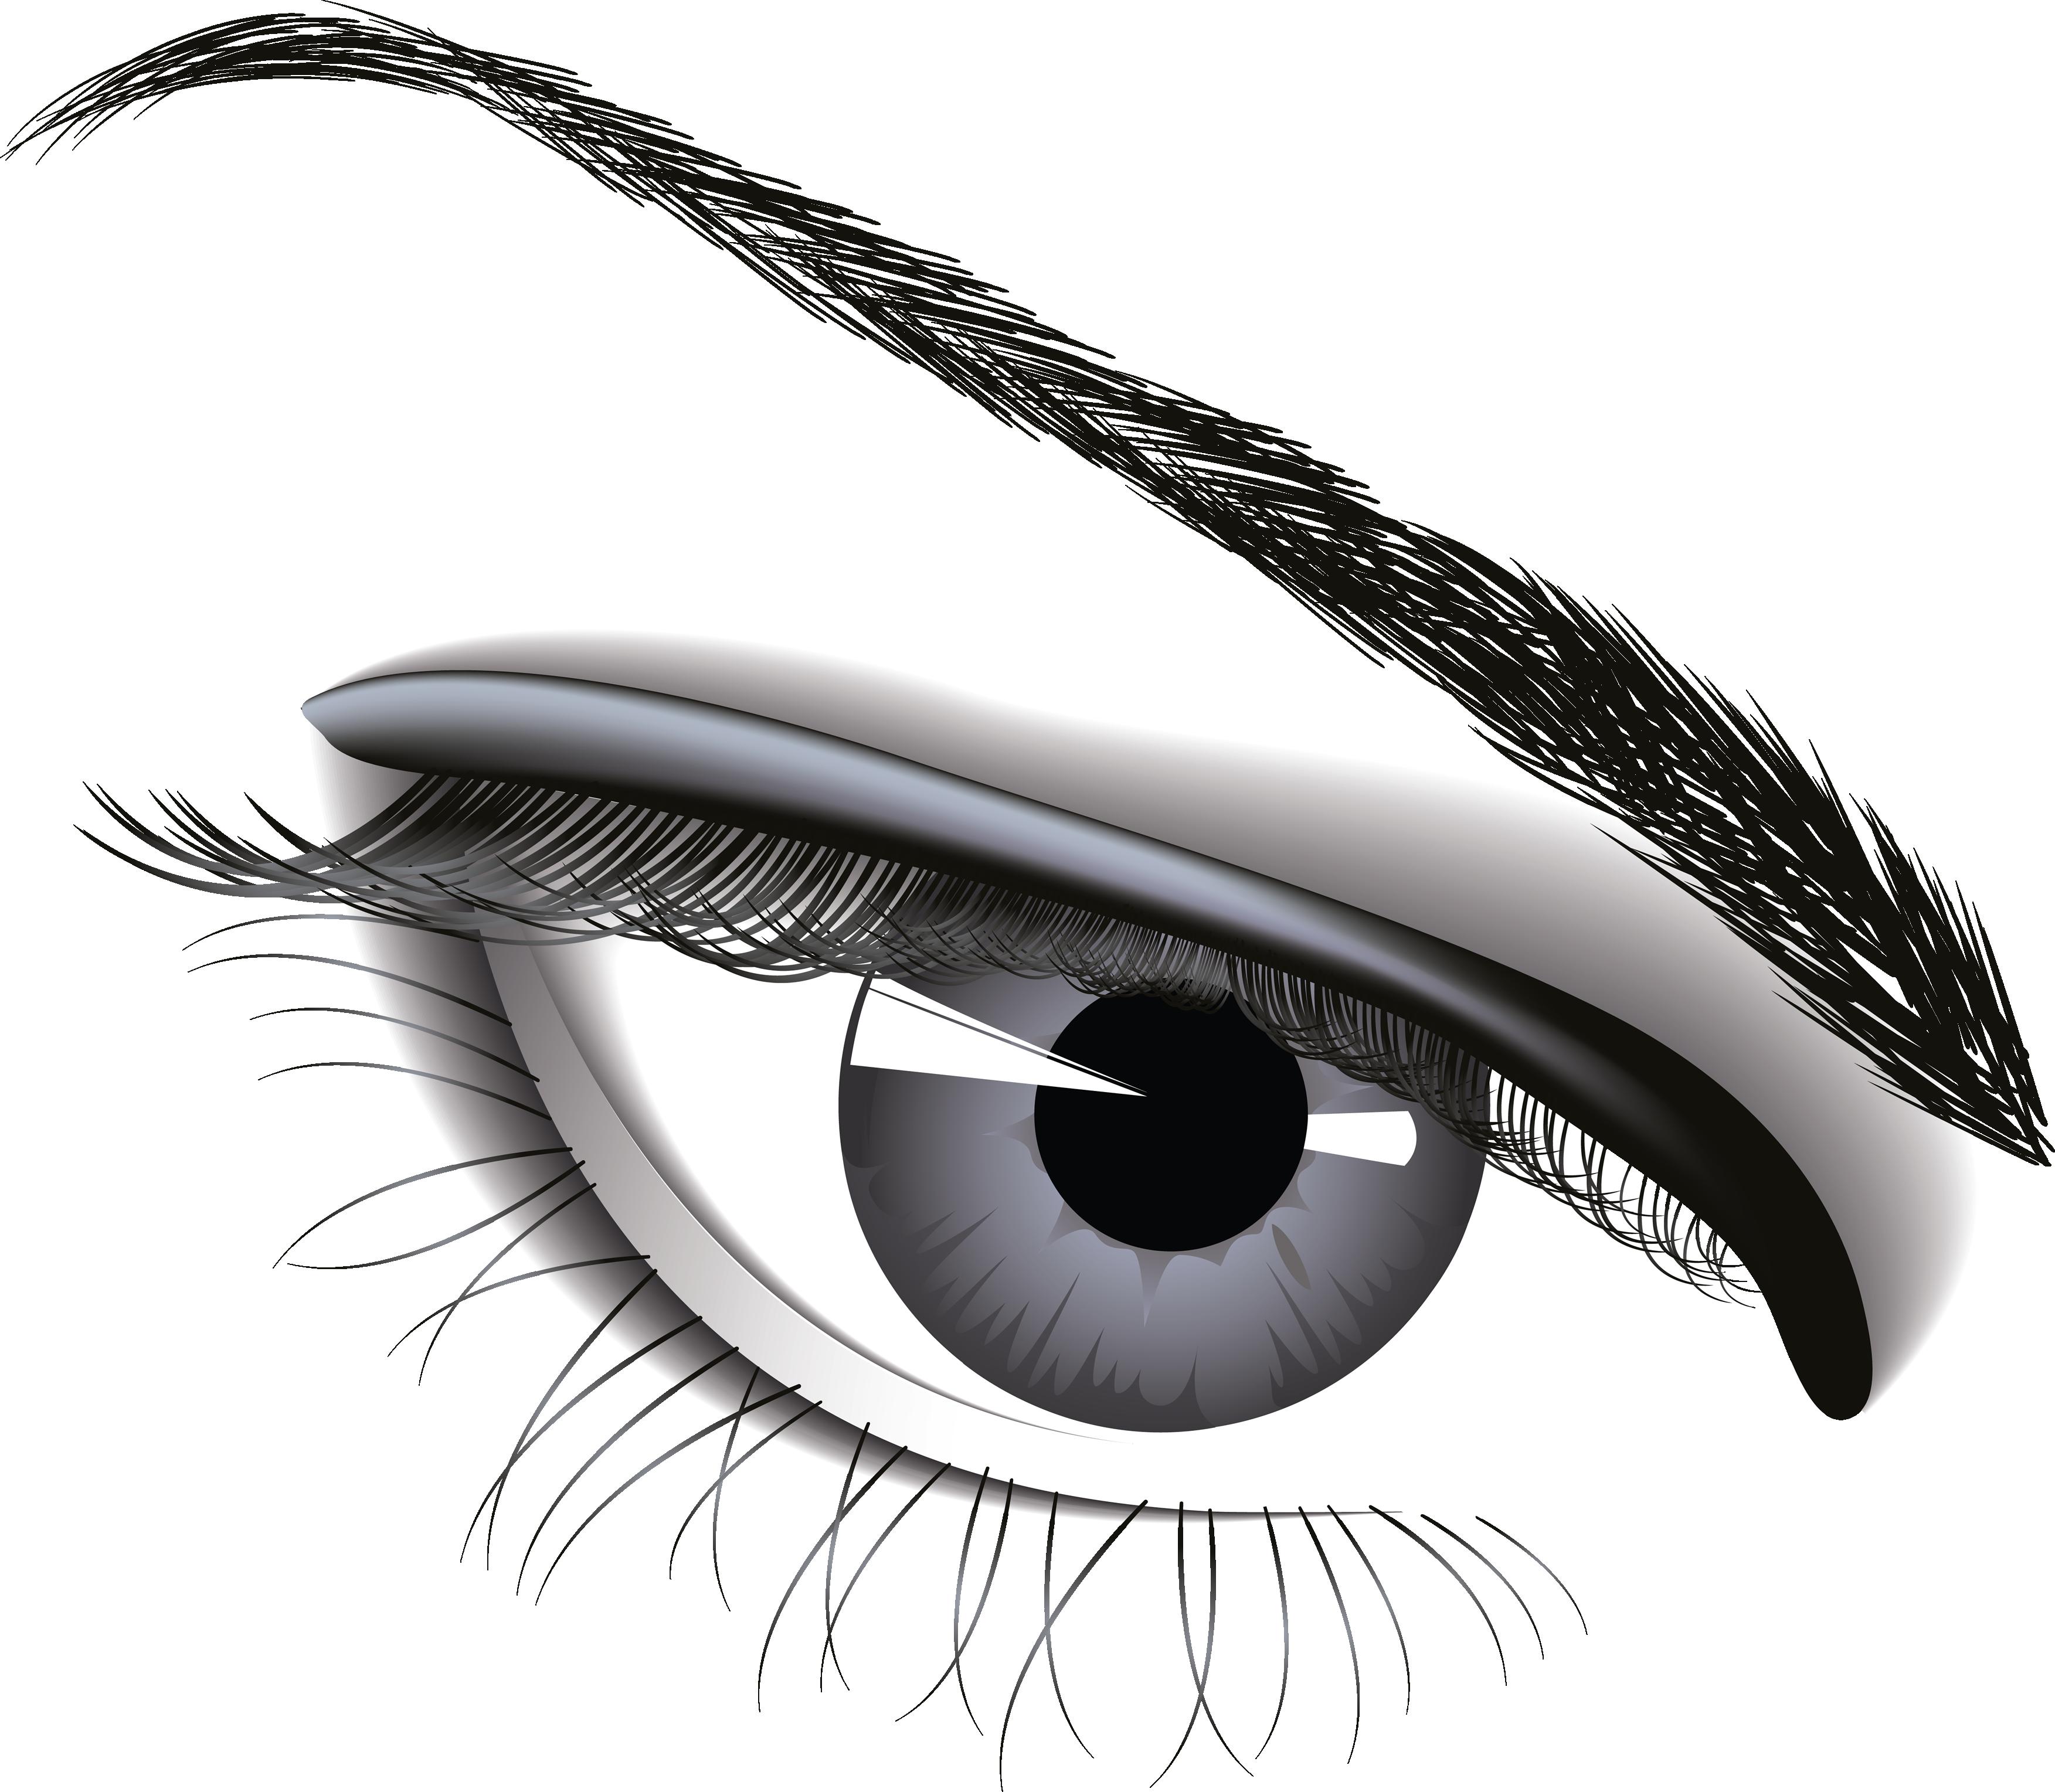 Eyelash clipart illustration. Eye six isolated stock